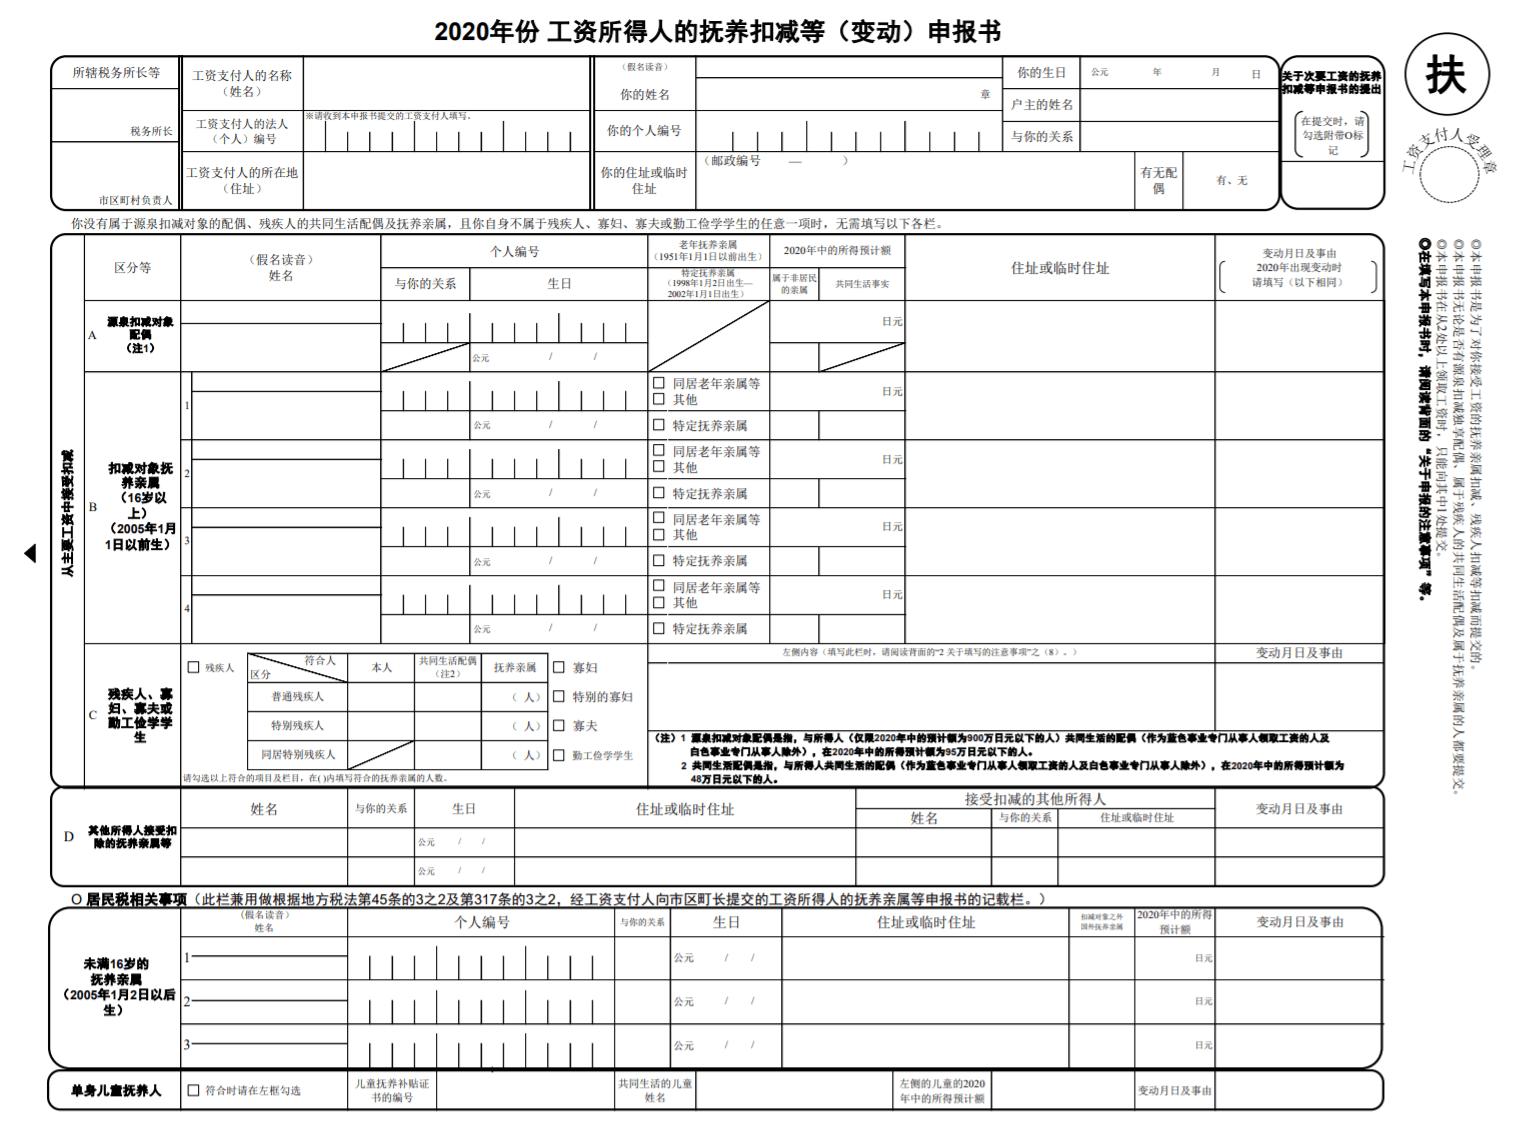 r2-2020-中国語-扶養控除等(異動)申告書